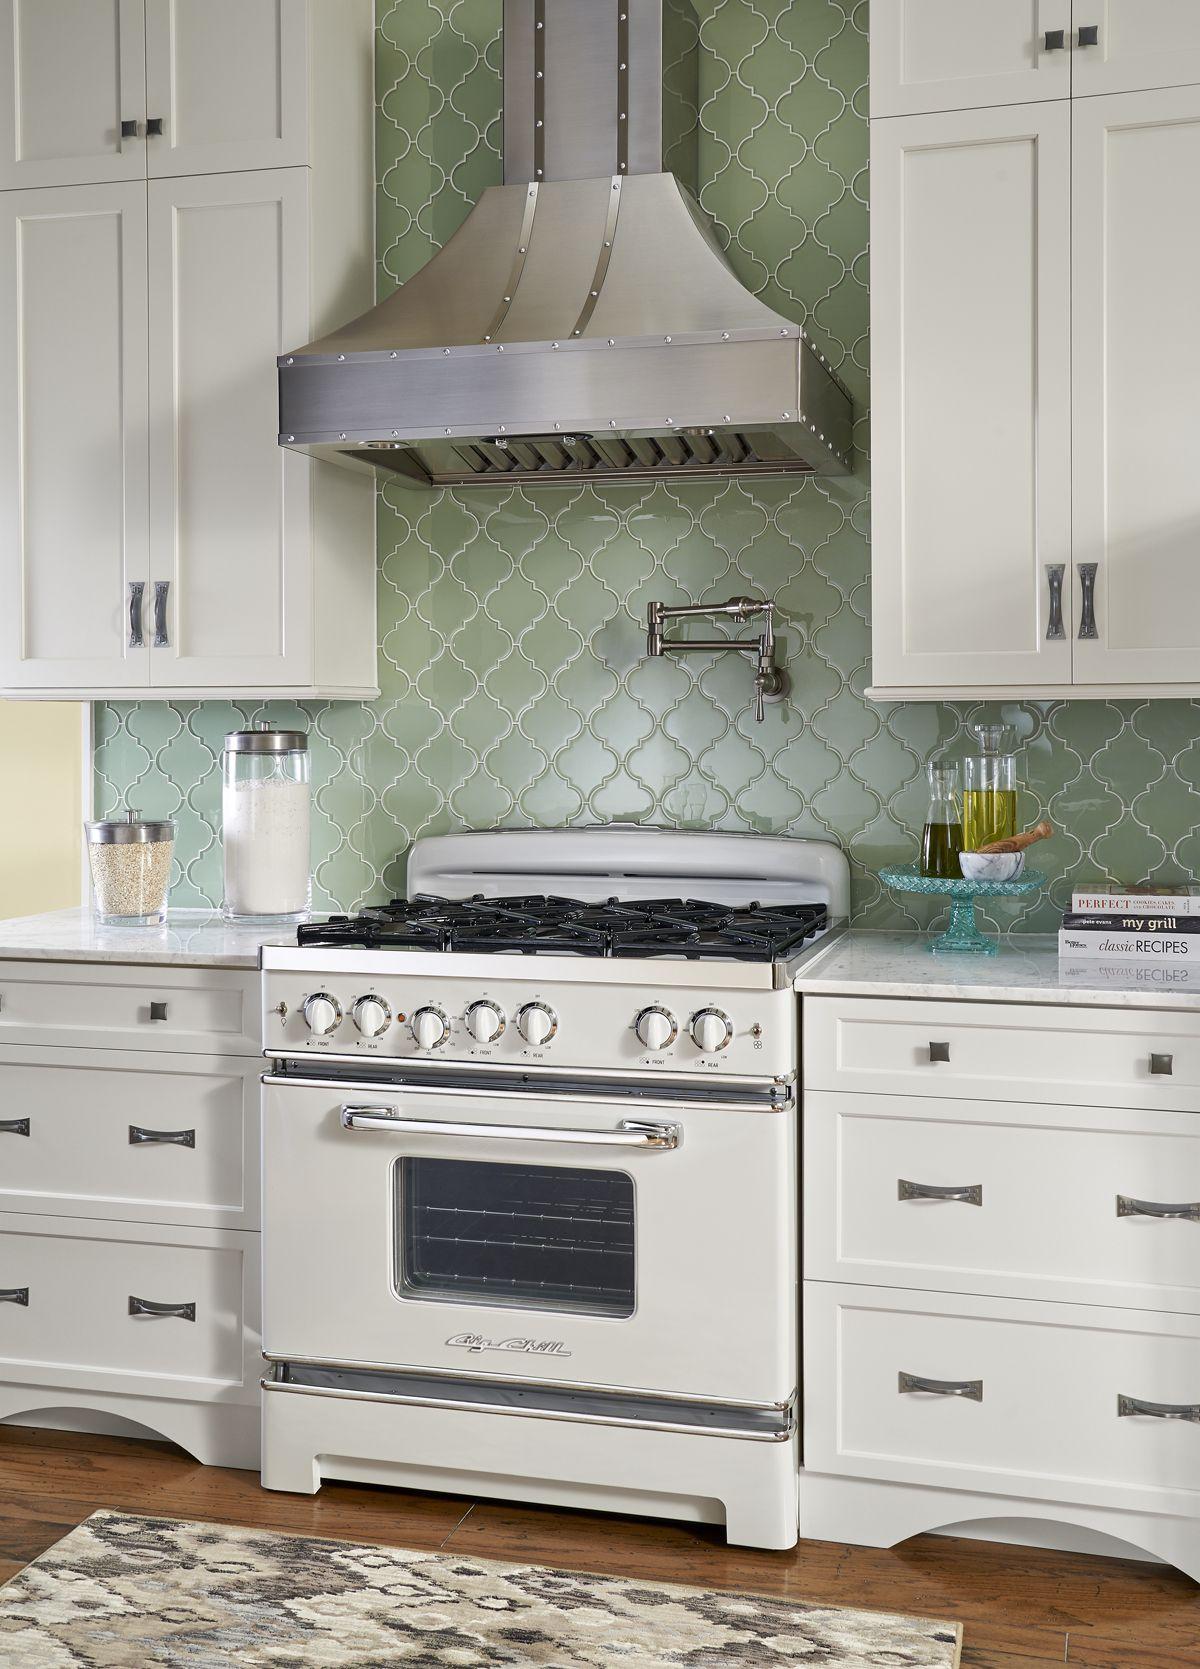 Retro Appliance Cooking Gallery Retro stove, Retro